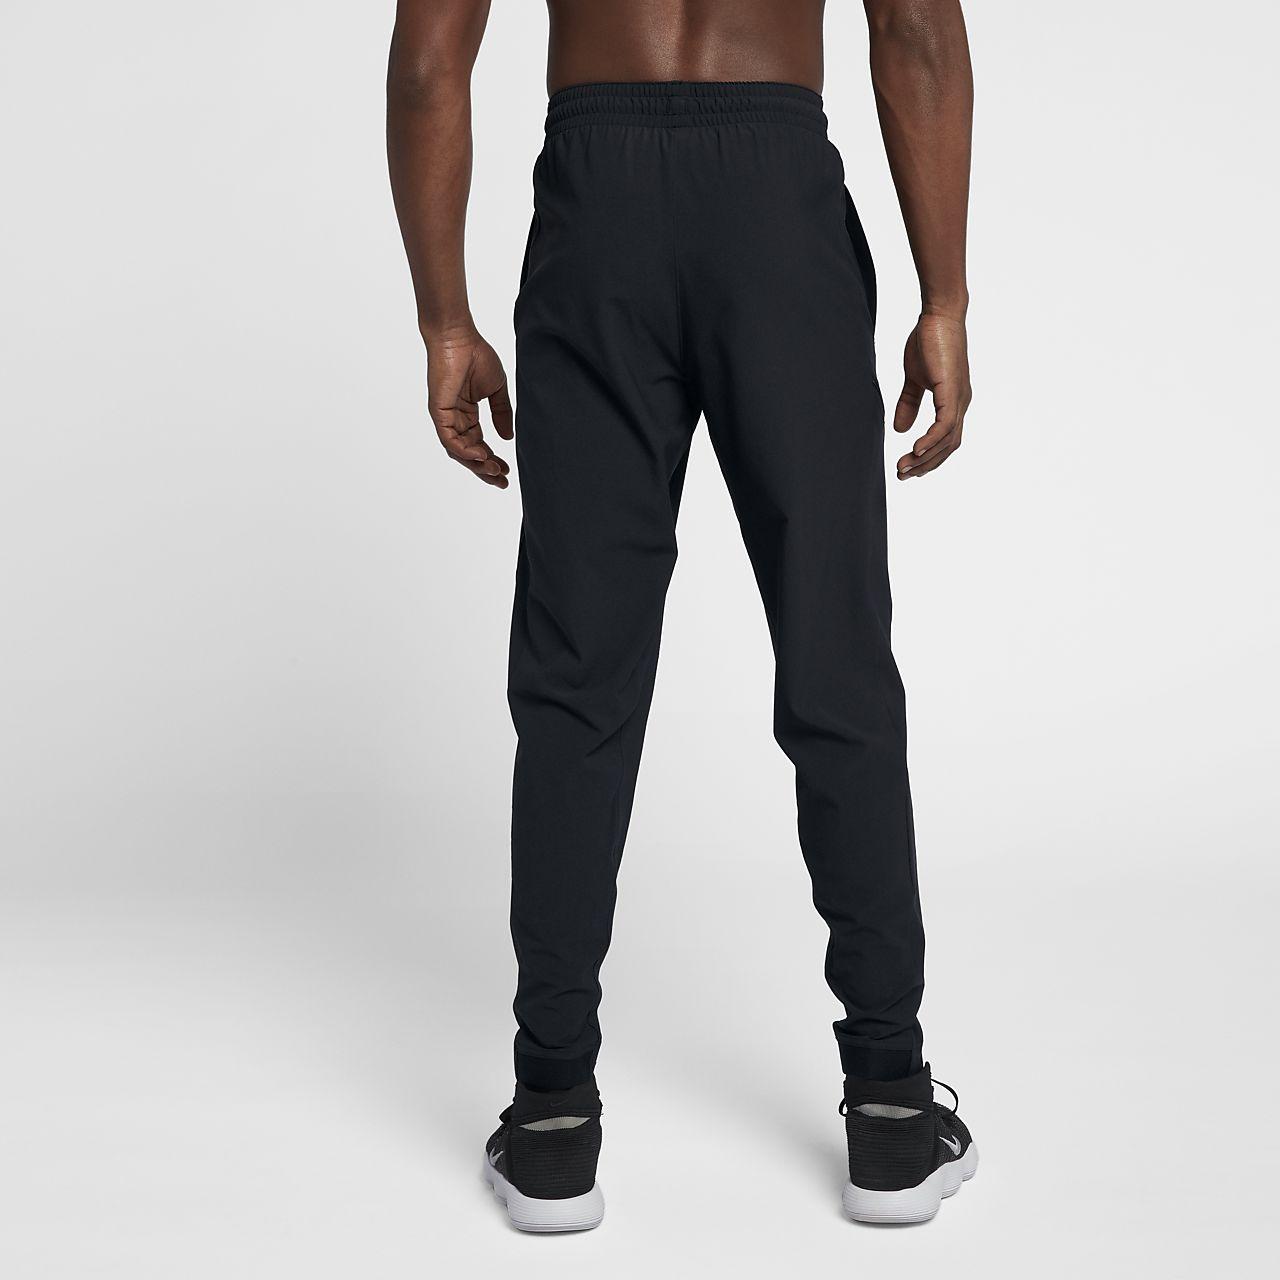 new arrival 773dd 3f3f3 flex-woven-basketball-trousers-QNXfJs.jpg